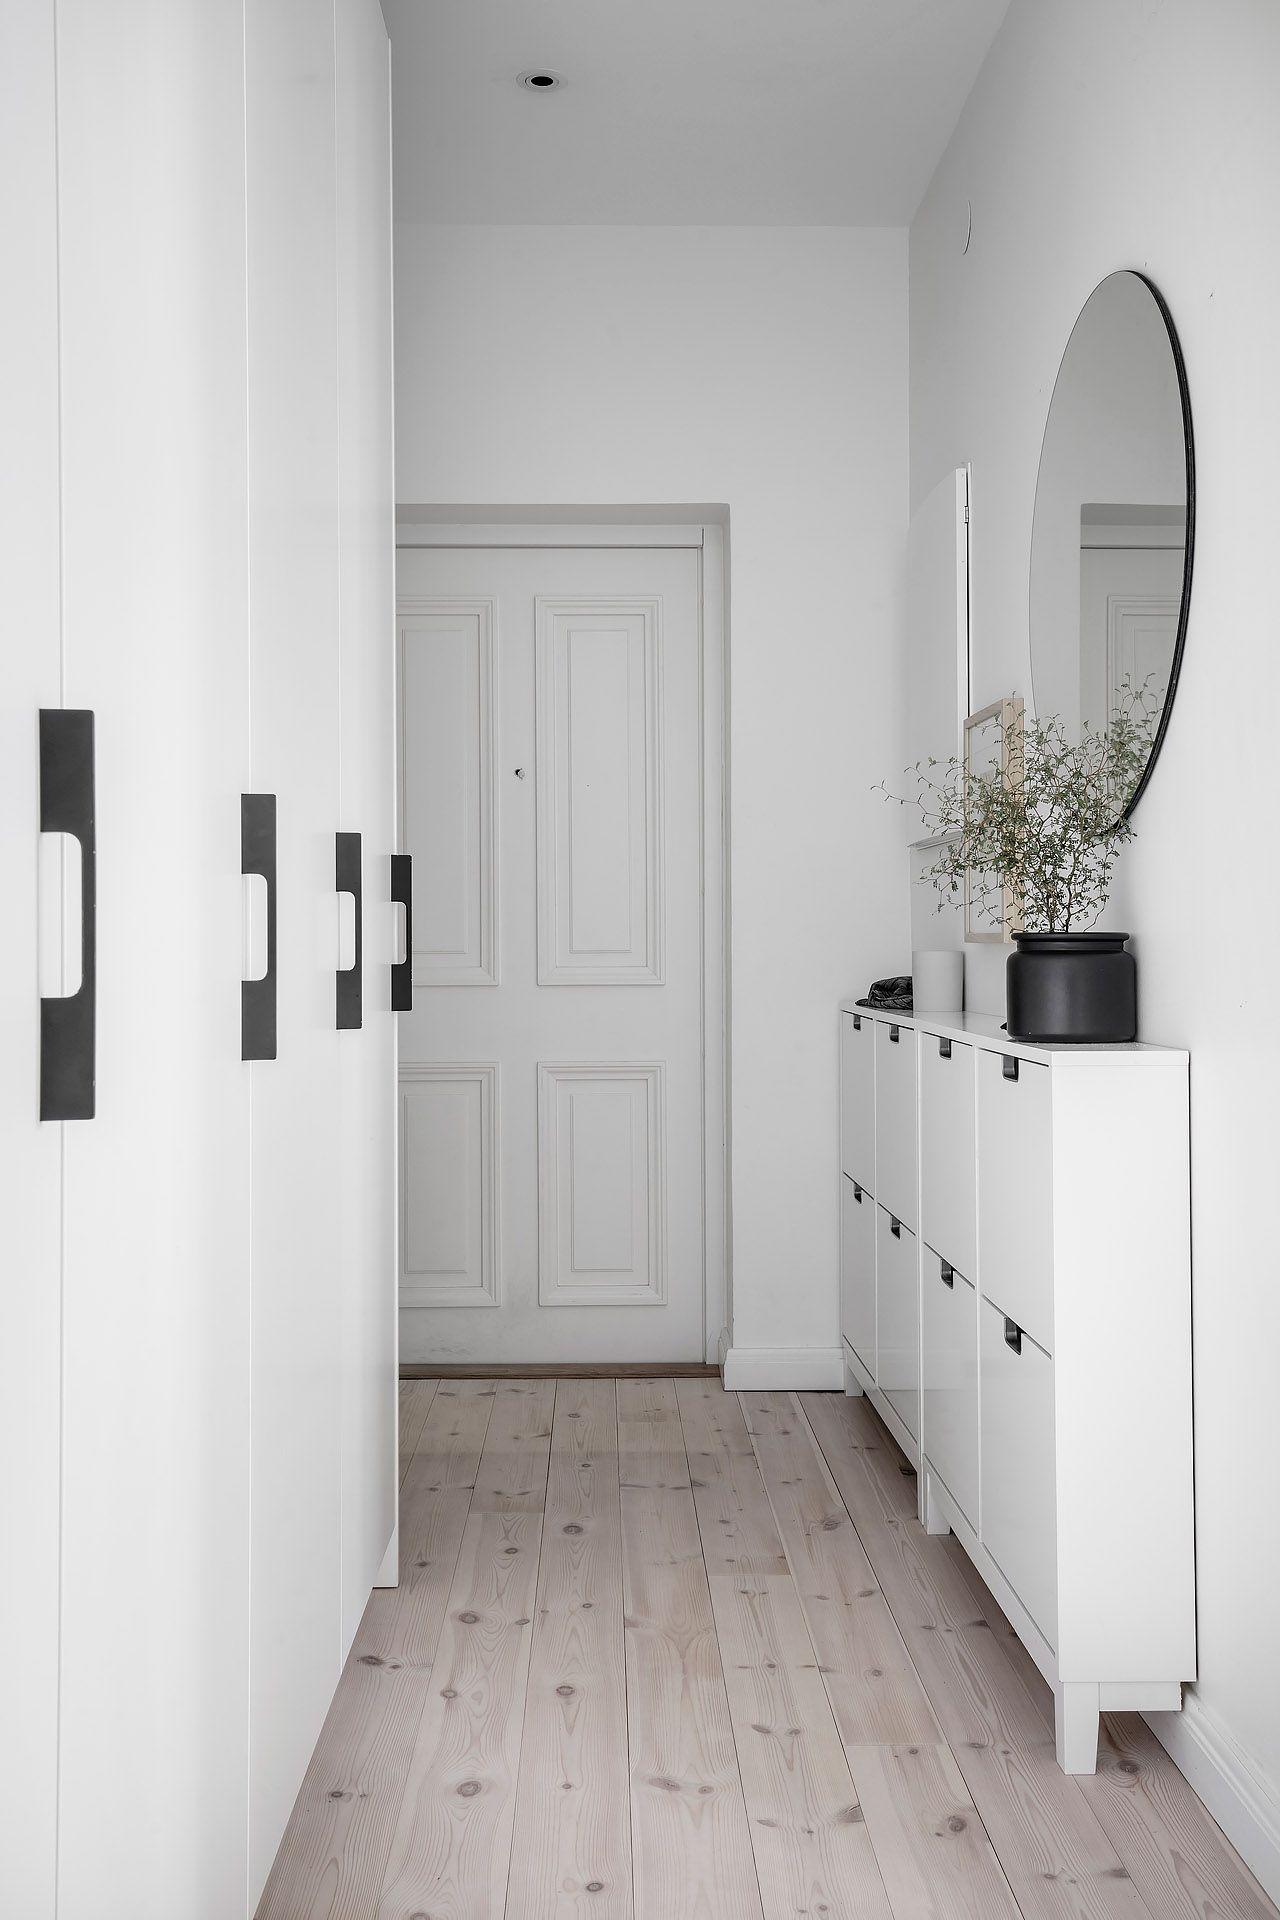 Flur Einrichtungsideen Moderne Deckenverkleidung Wohnzimmer